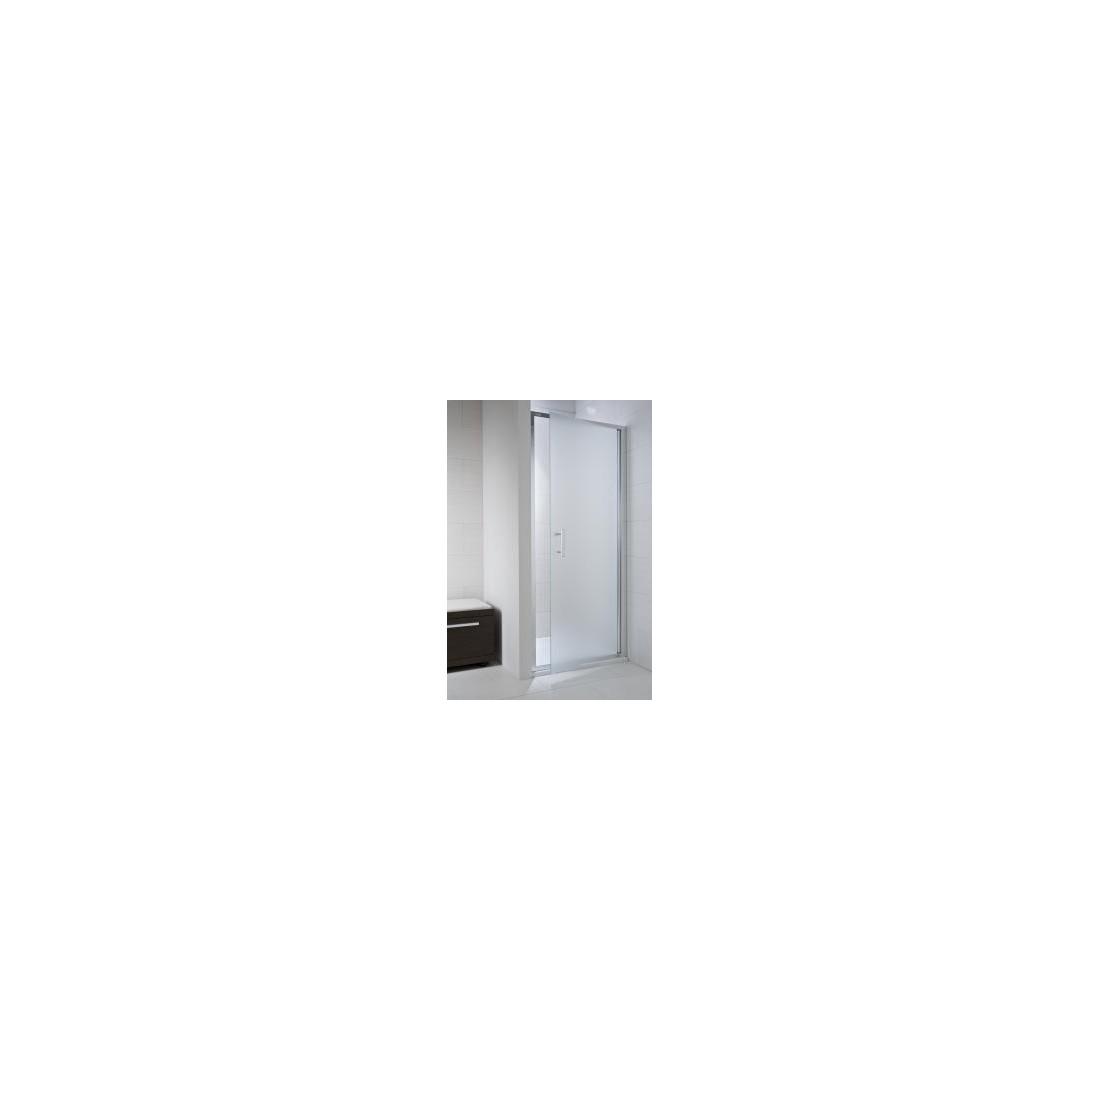 CUBITO pure Viensegmentės dušo durelės 100  x 195 cm, skaidrus stiklas, sidabrinis profilis, kairė/dešinė